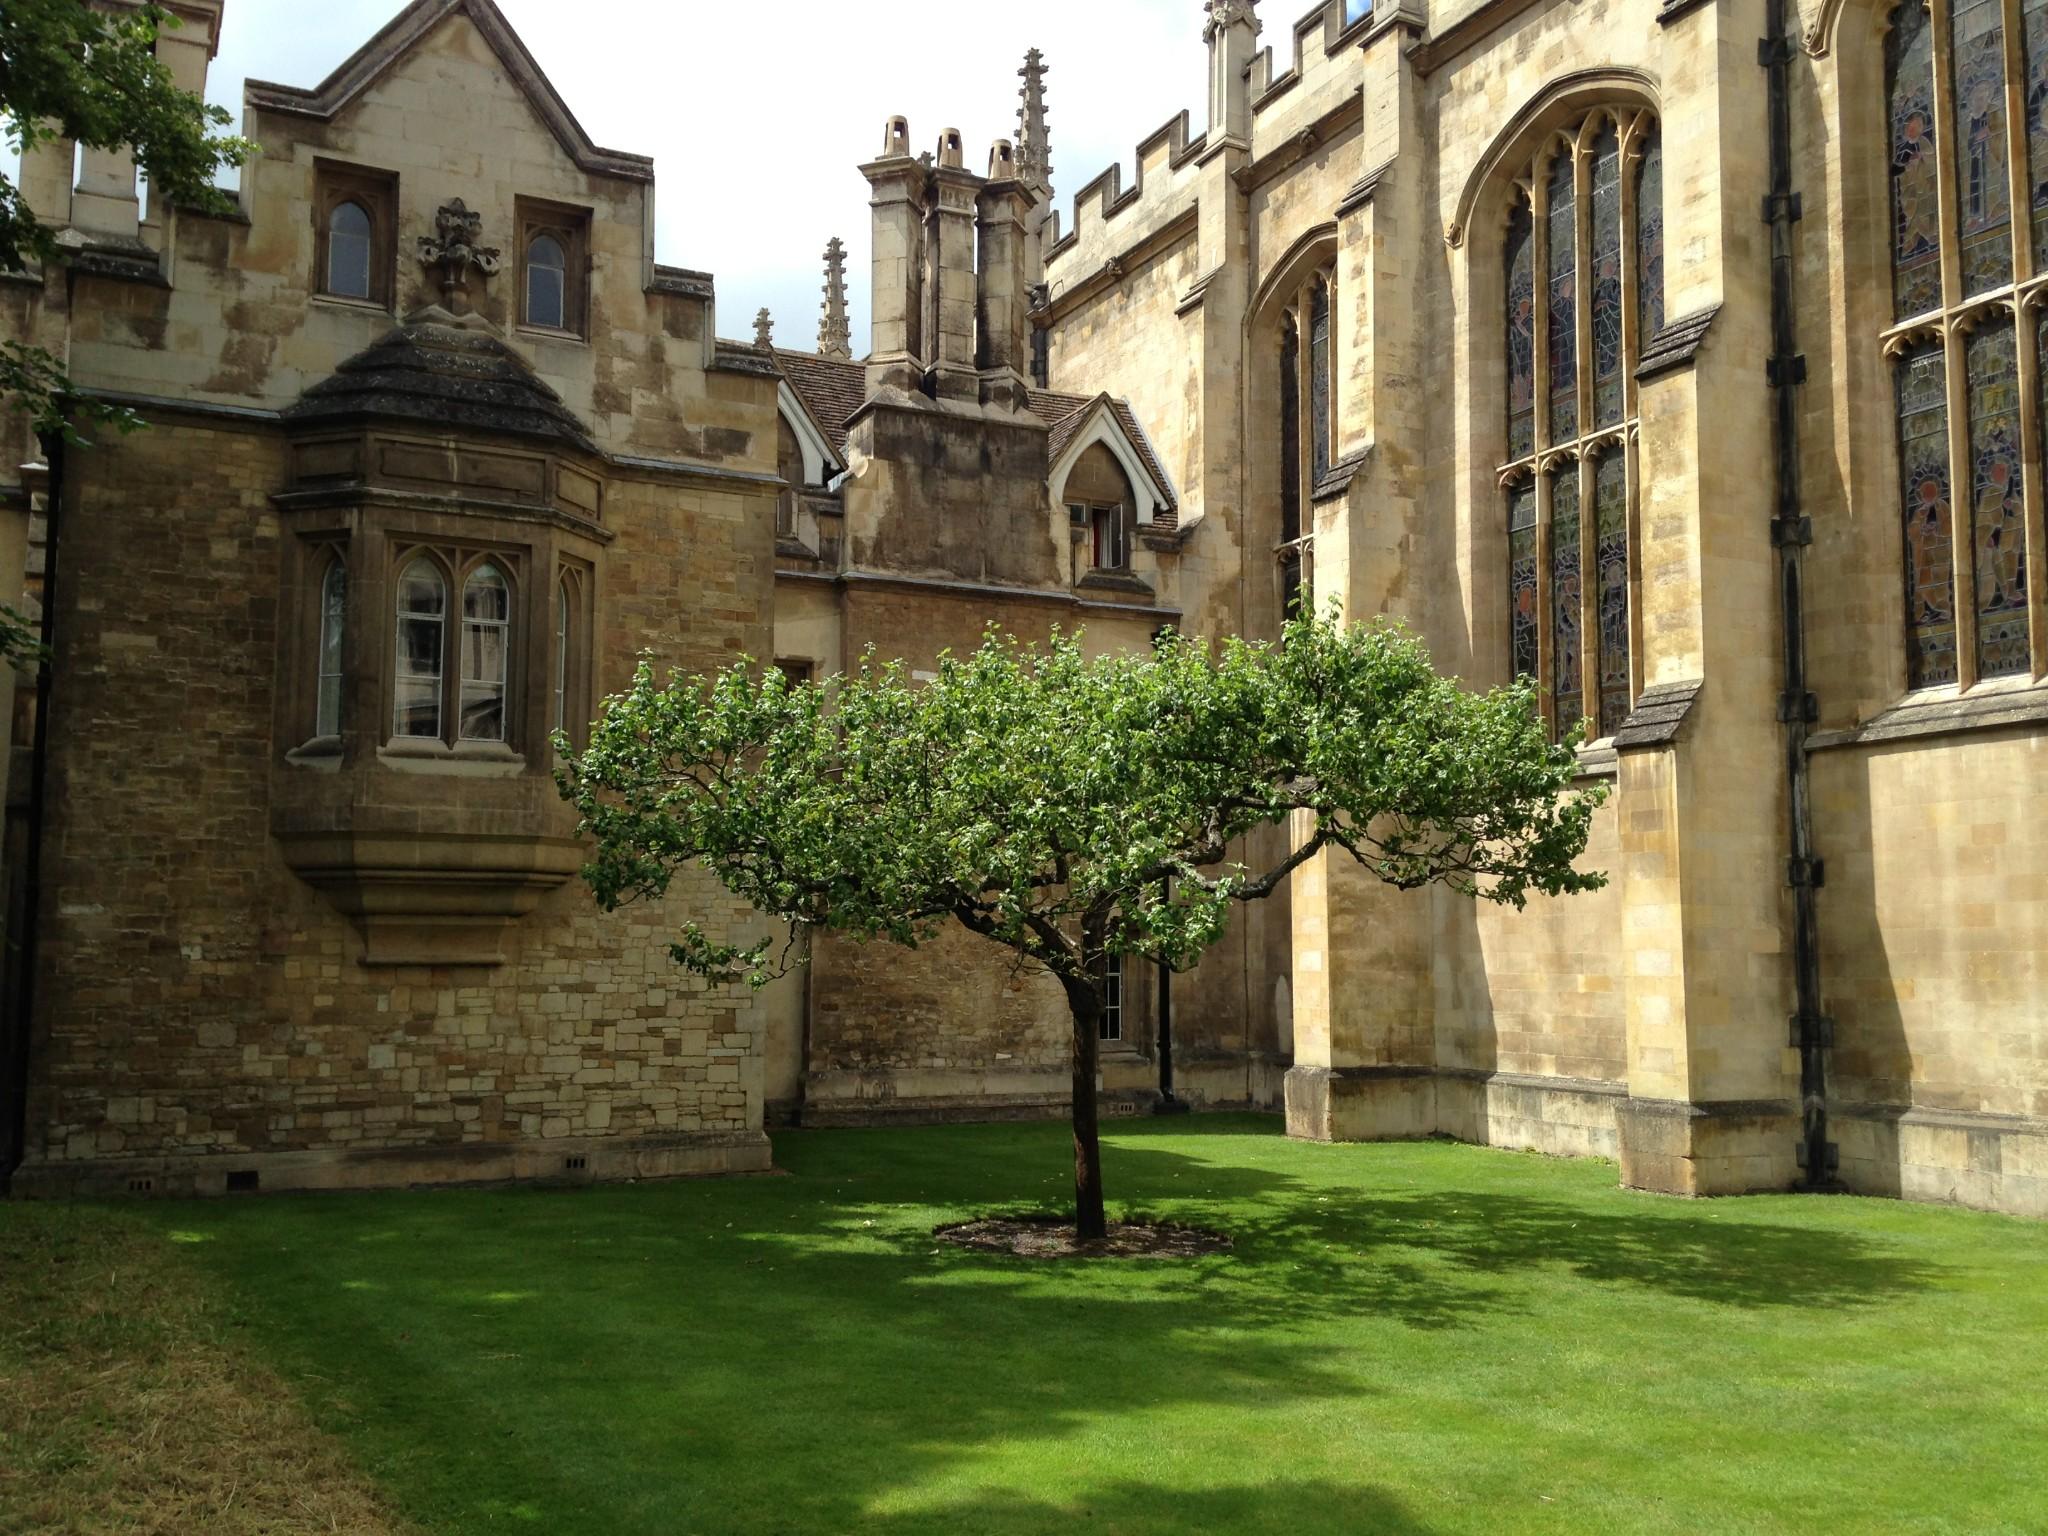 寻访英国名校建筑,开启英格兰之旅